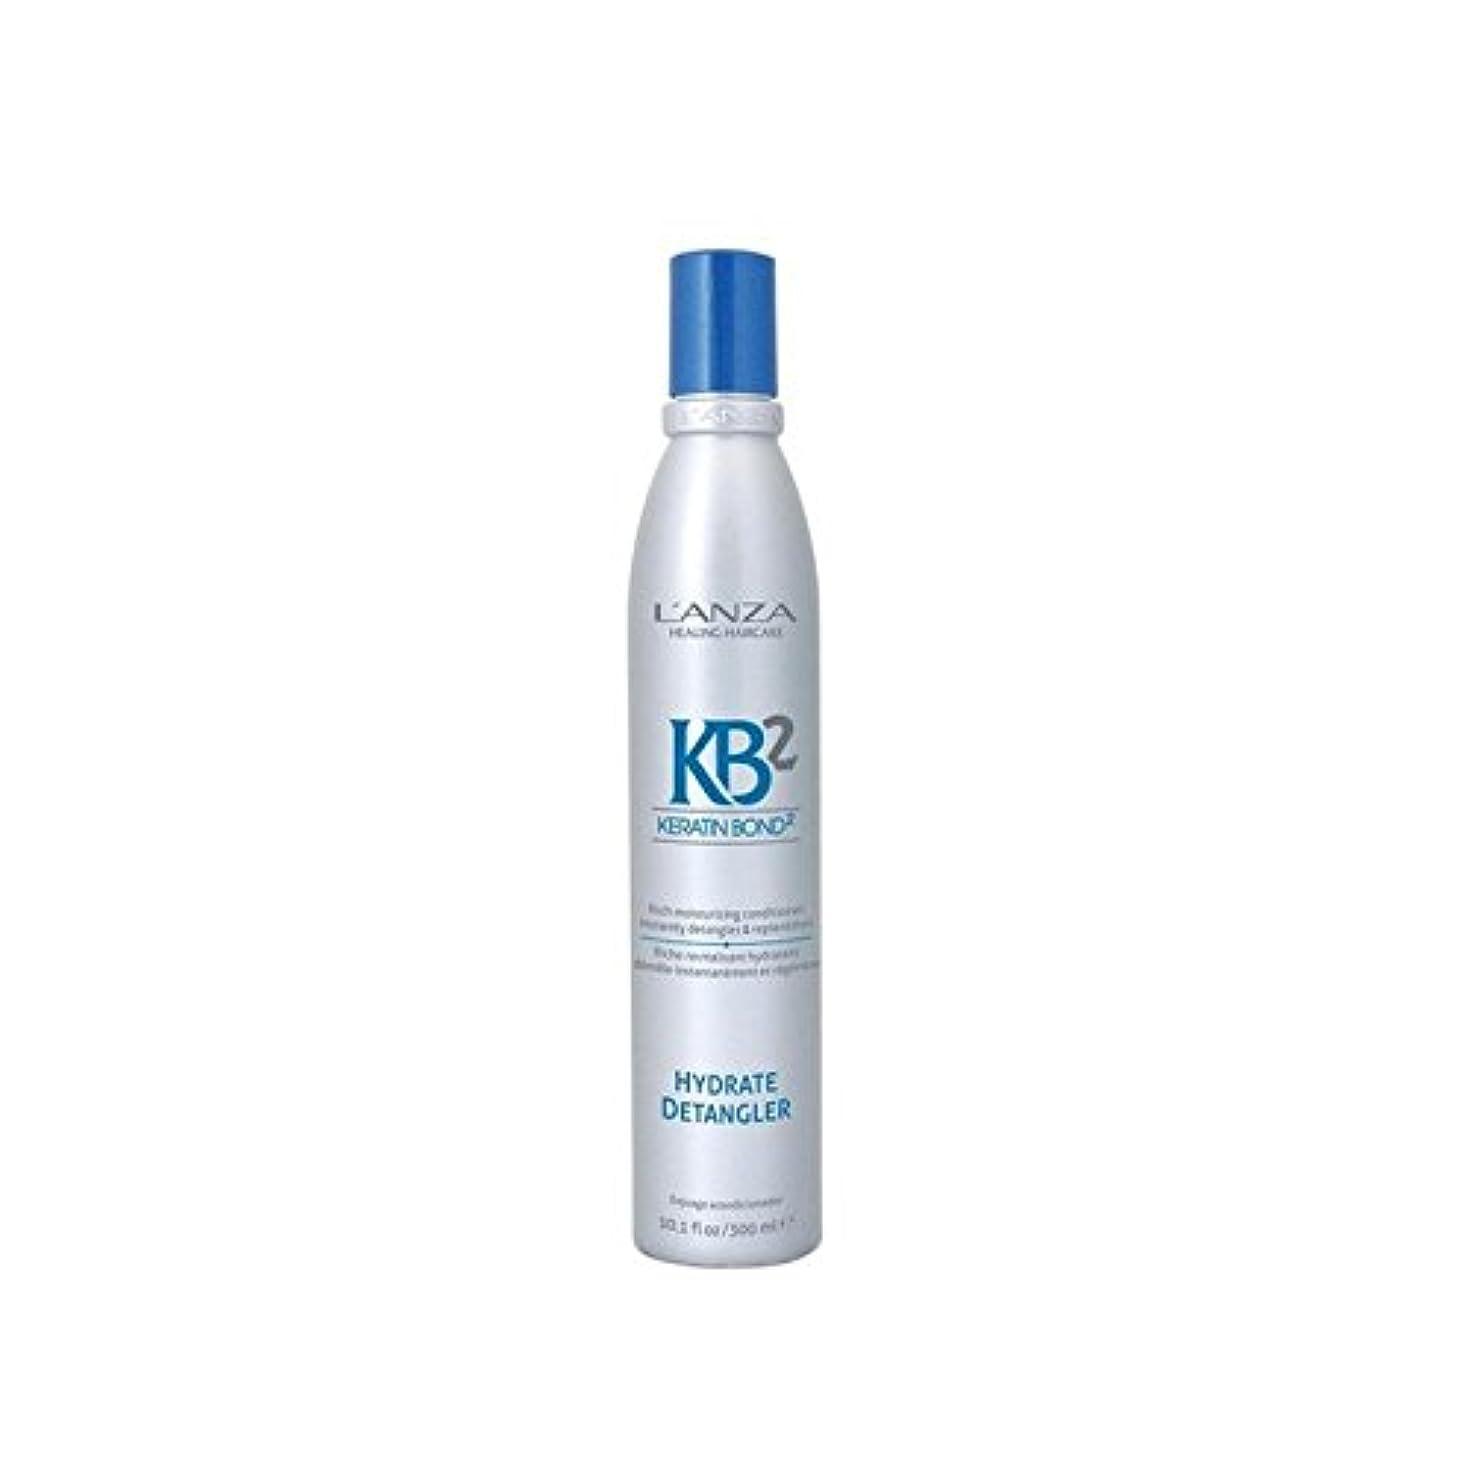 虚弱伝えるアルバムL'Anza Kb2 Hydrate Detangler (300ml) - アンザ2和物(300ミリリットル) [並行輸入品]